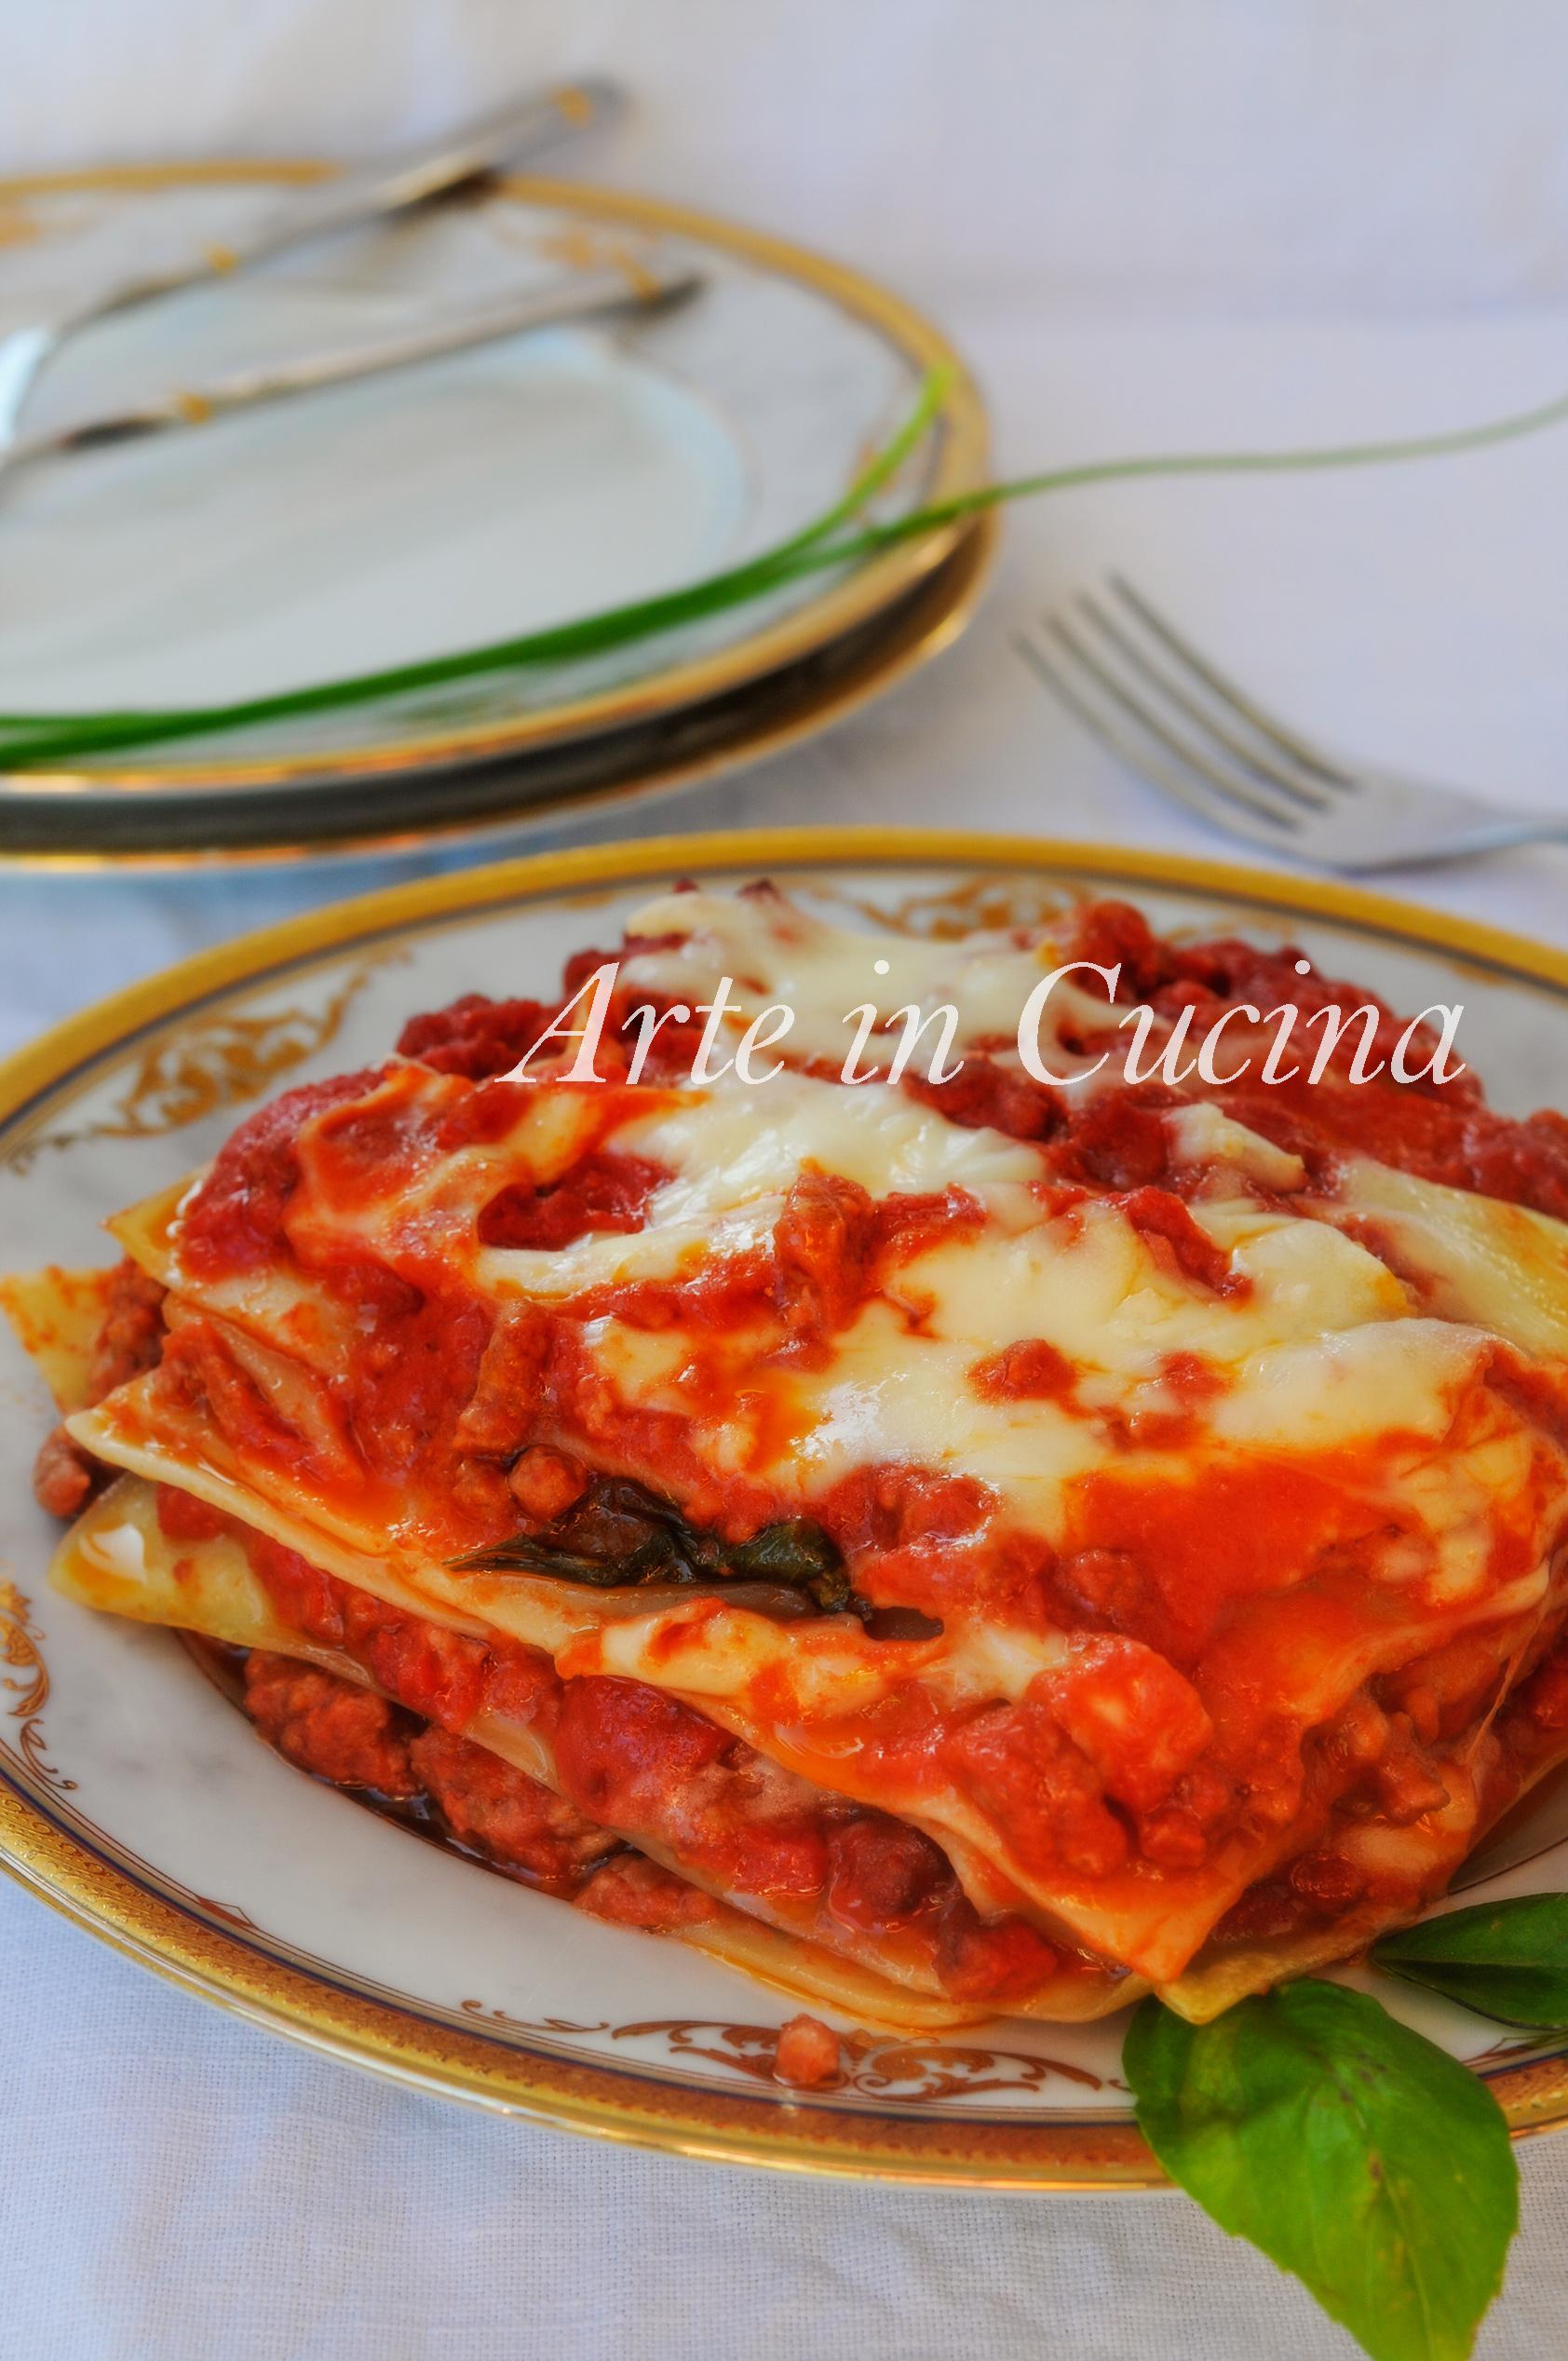 Lasagne al sugo con ragù ricetta veloce vickyart arte in cucina